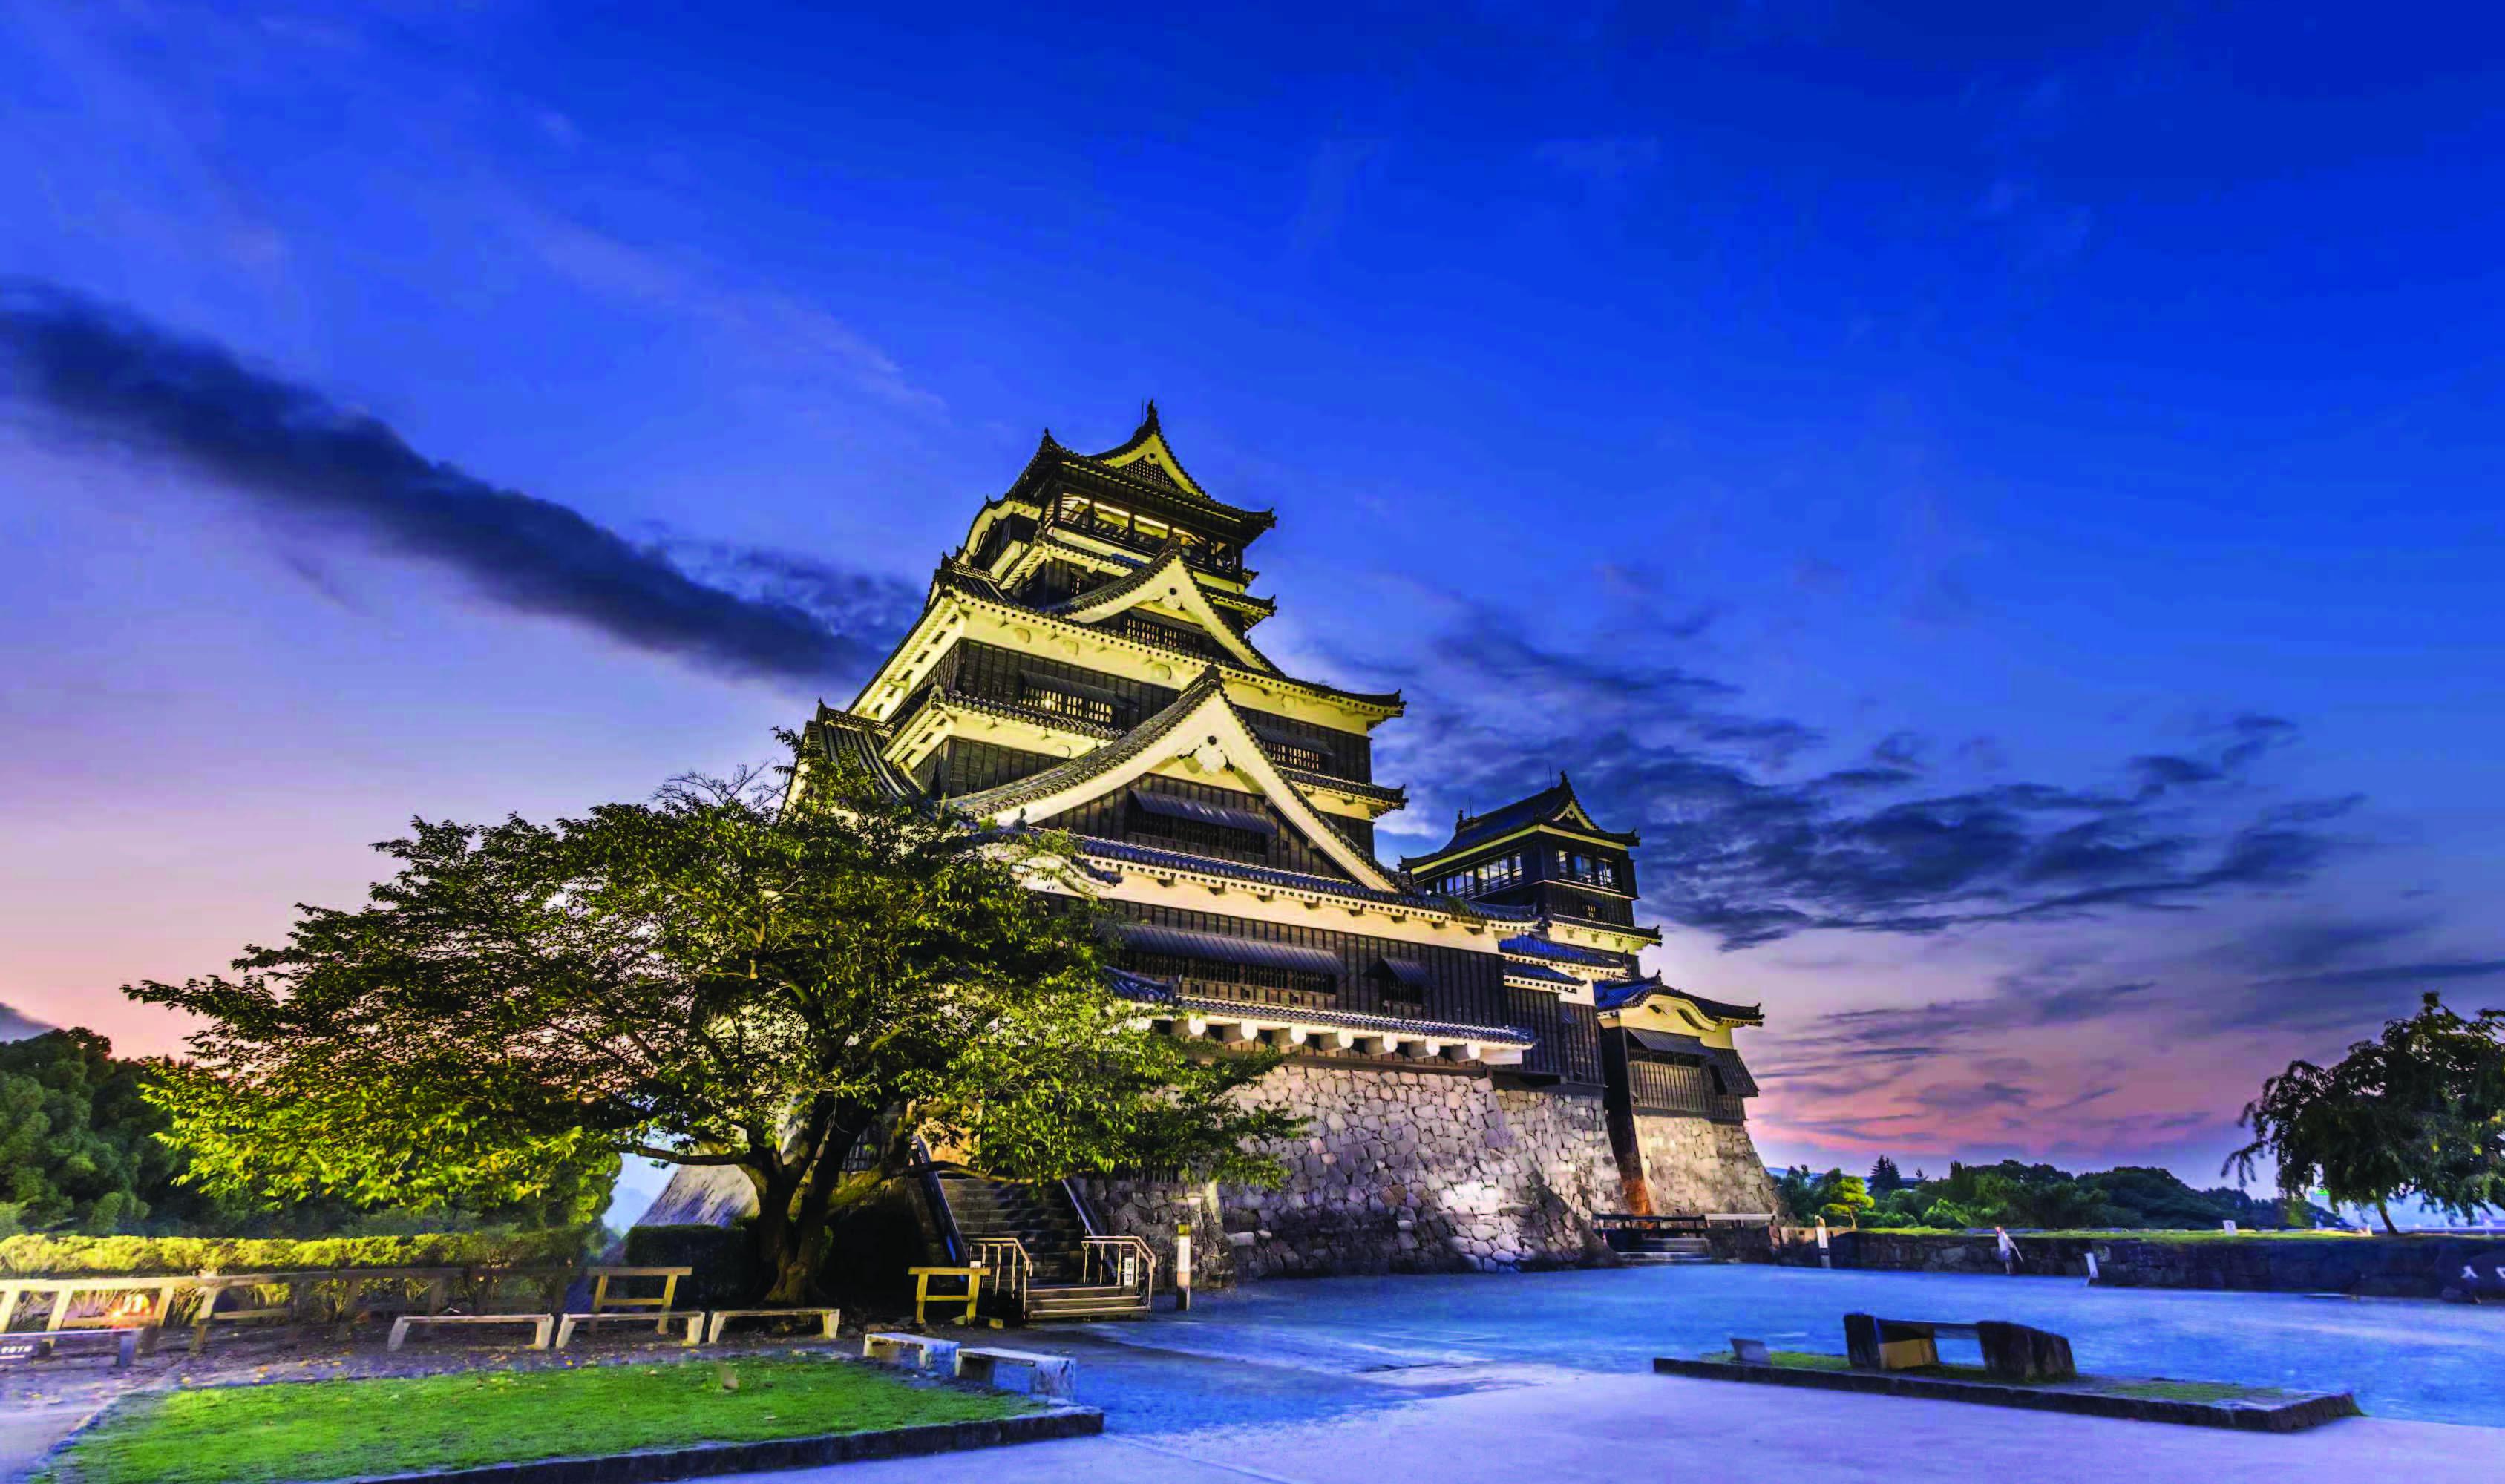 ทัวร์ญี่ปุ่น  Say Hi! Kyushu Fukuoka คิวชู ฟุกุโอกะ ซากะ นางาซากิ คุมาโมโต้ 5วัน 3คืน บินTG